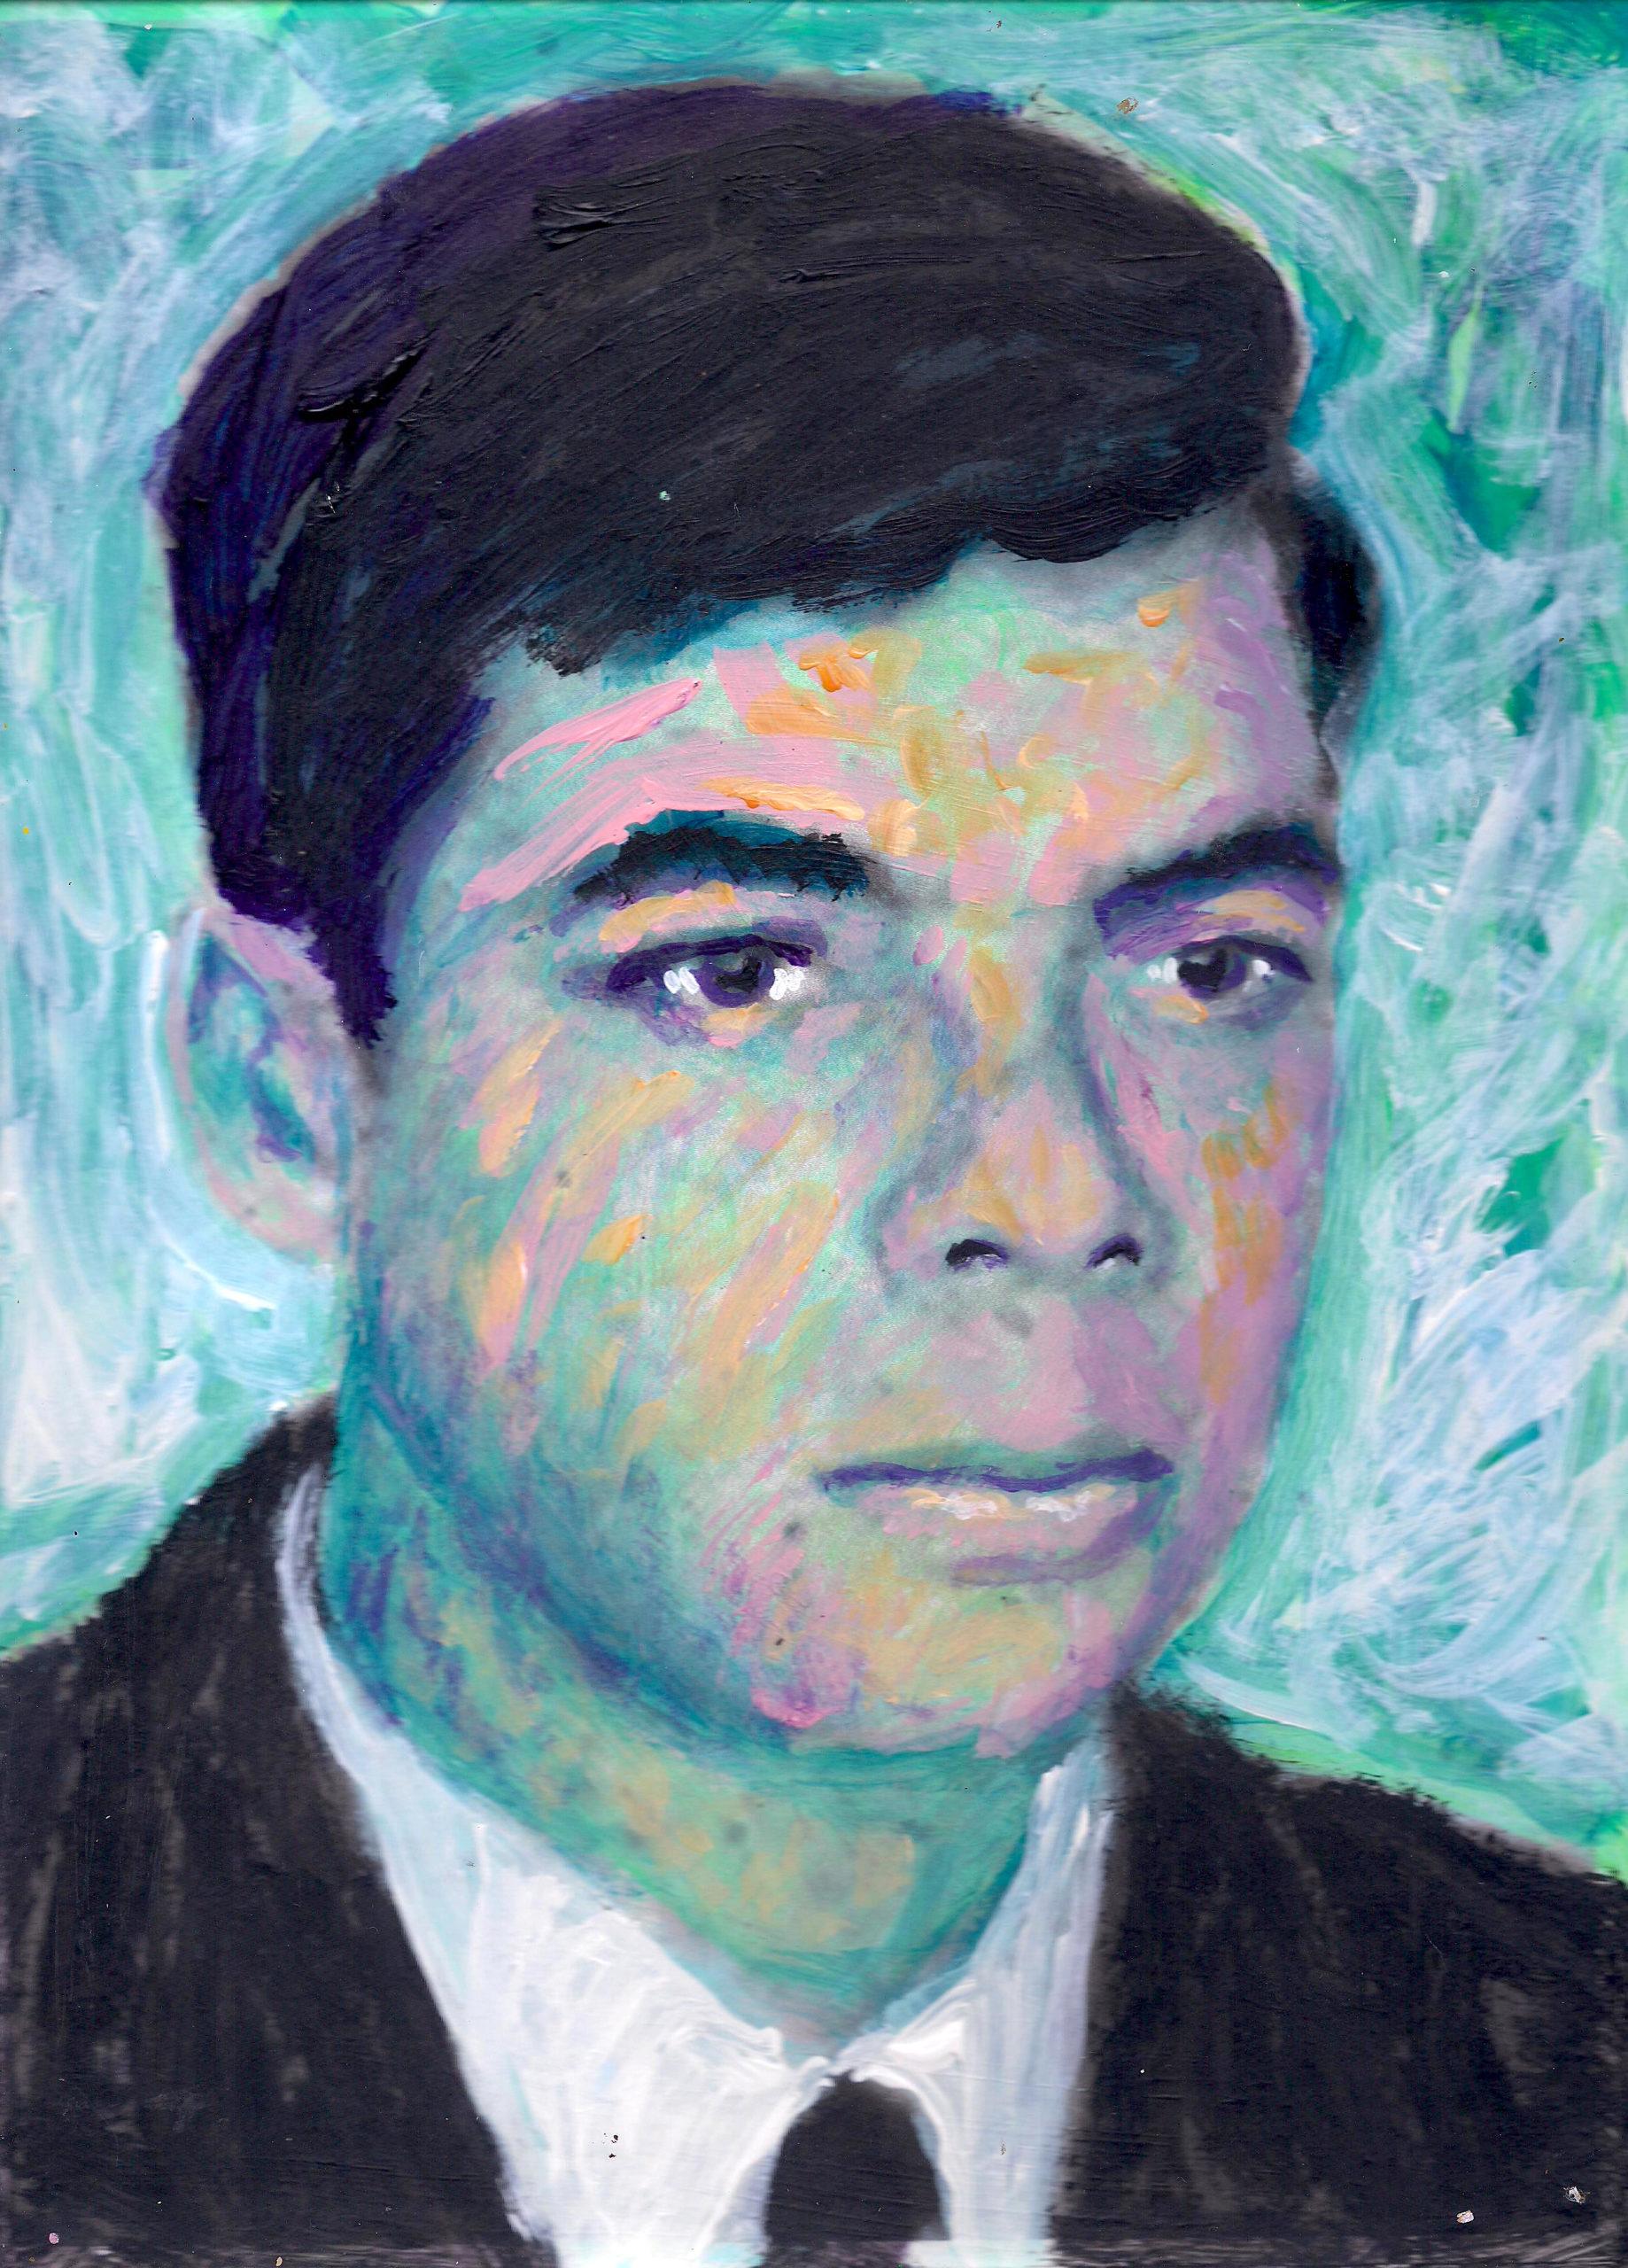 Luis Pablo Diez